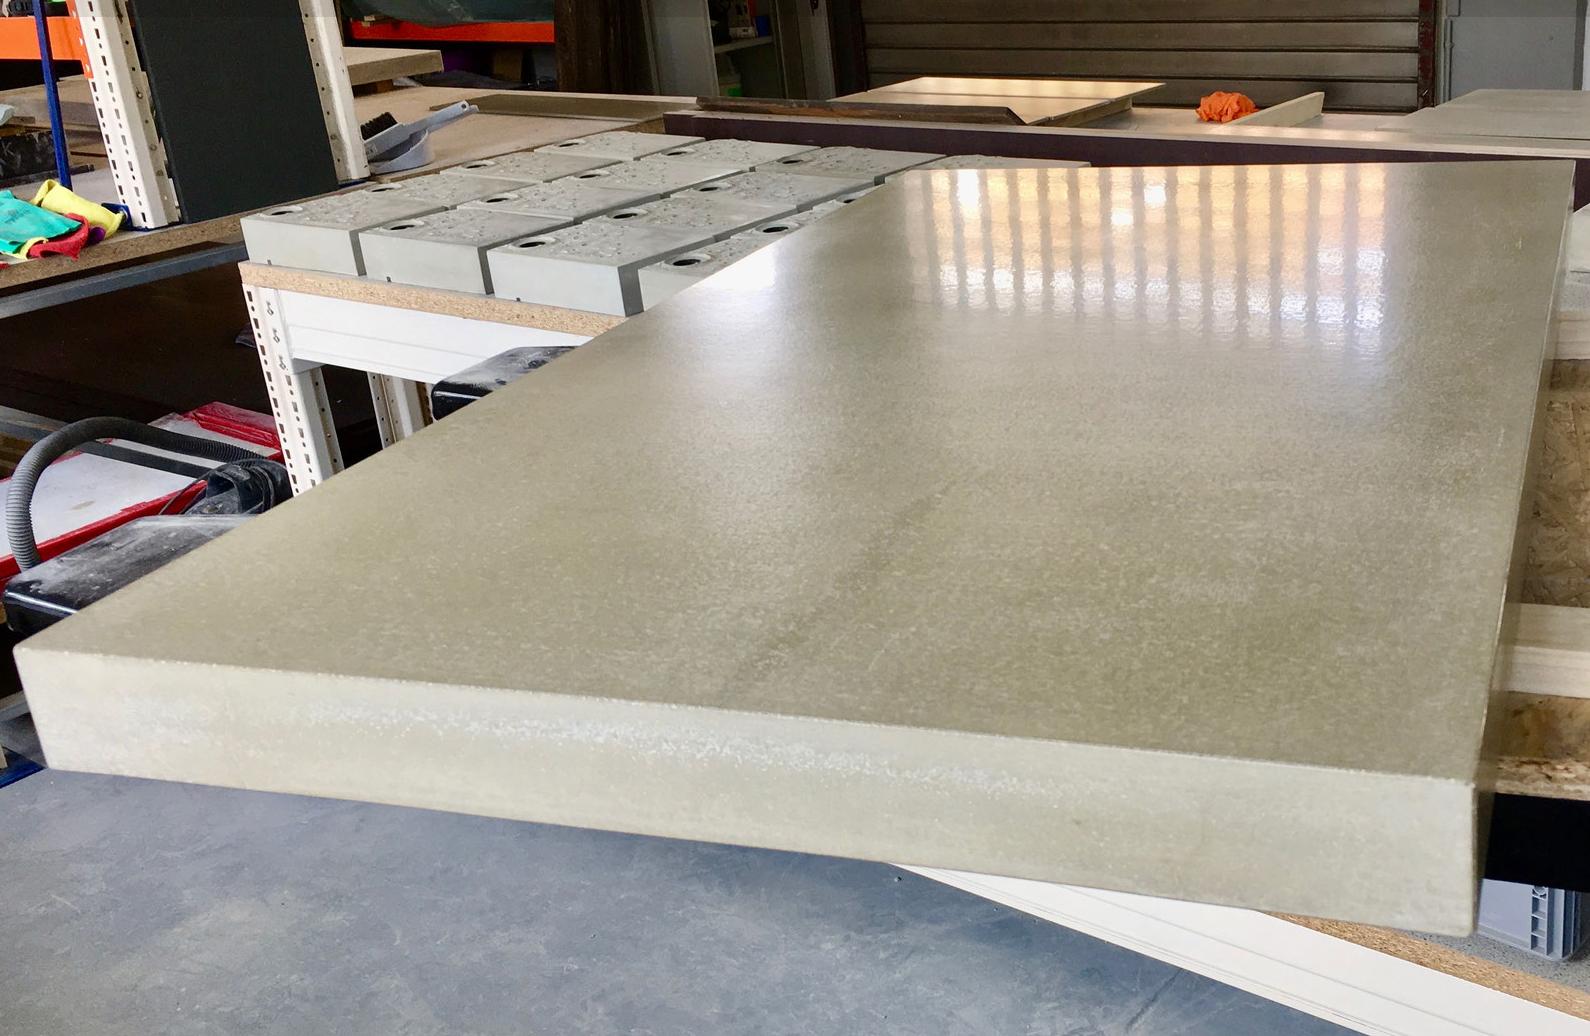 Arbeitsplatte mit glatter Oberfläche, Foto: courtesy werftbeton